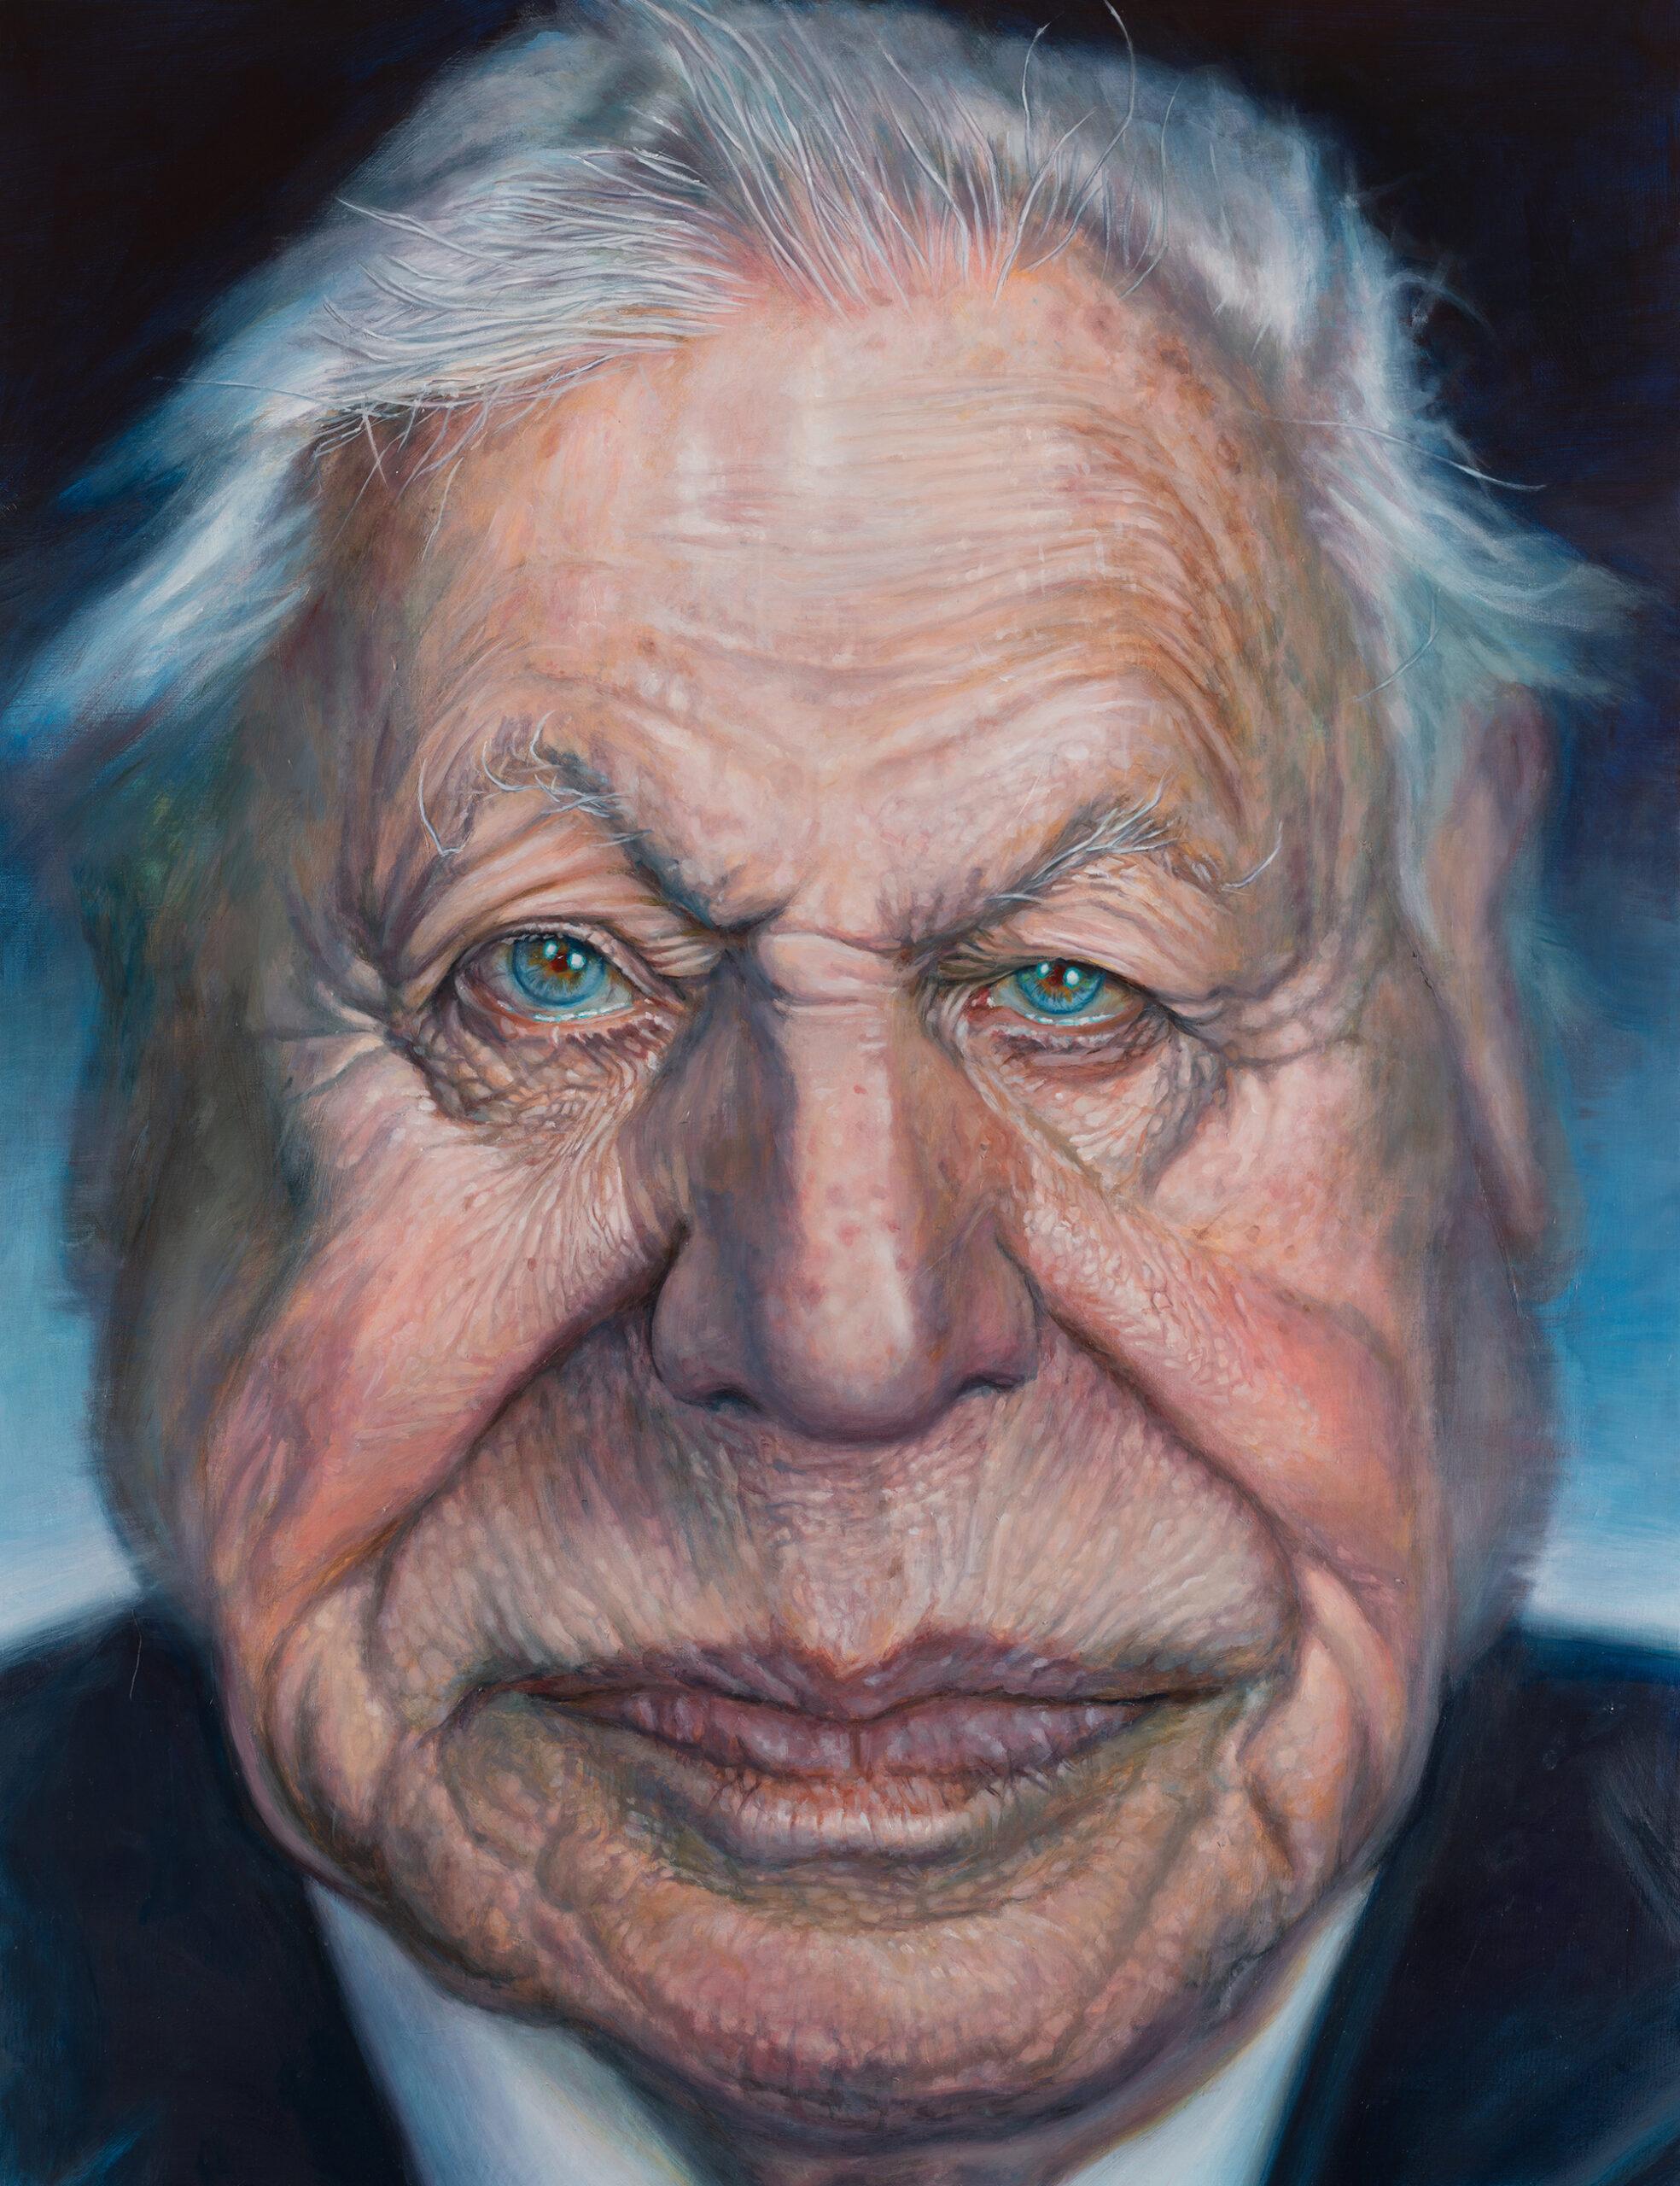 David Attenborough portrait by Derren Brown